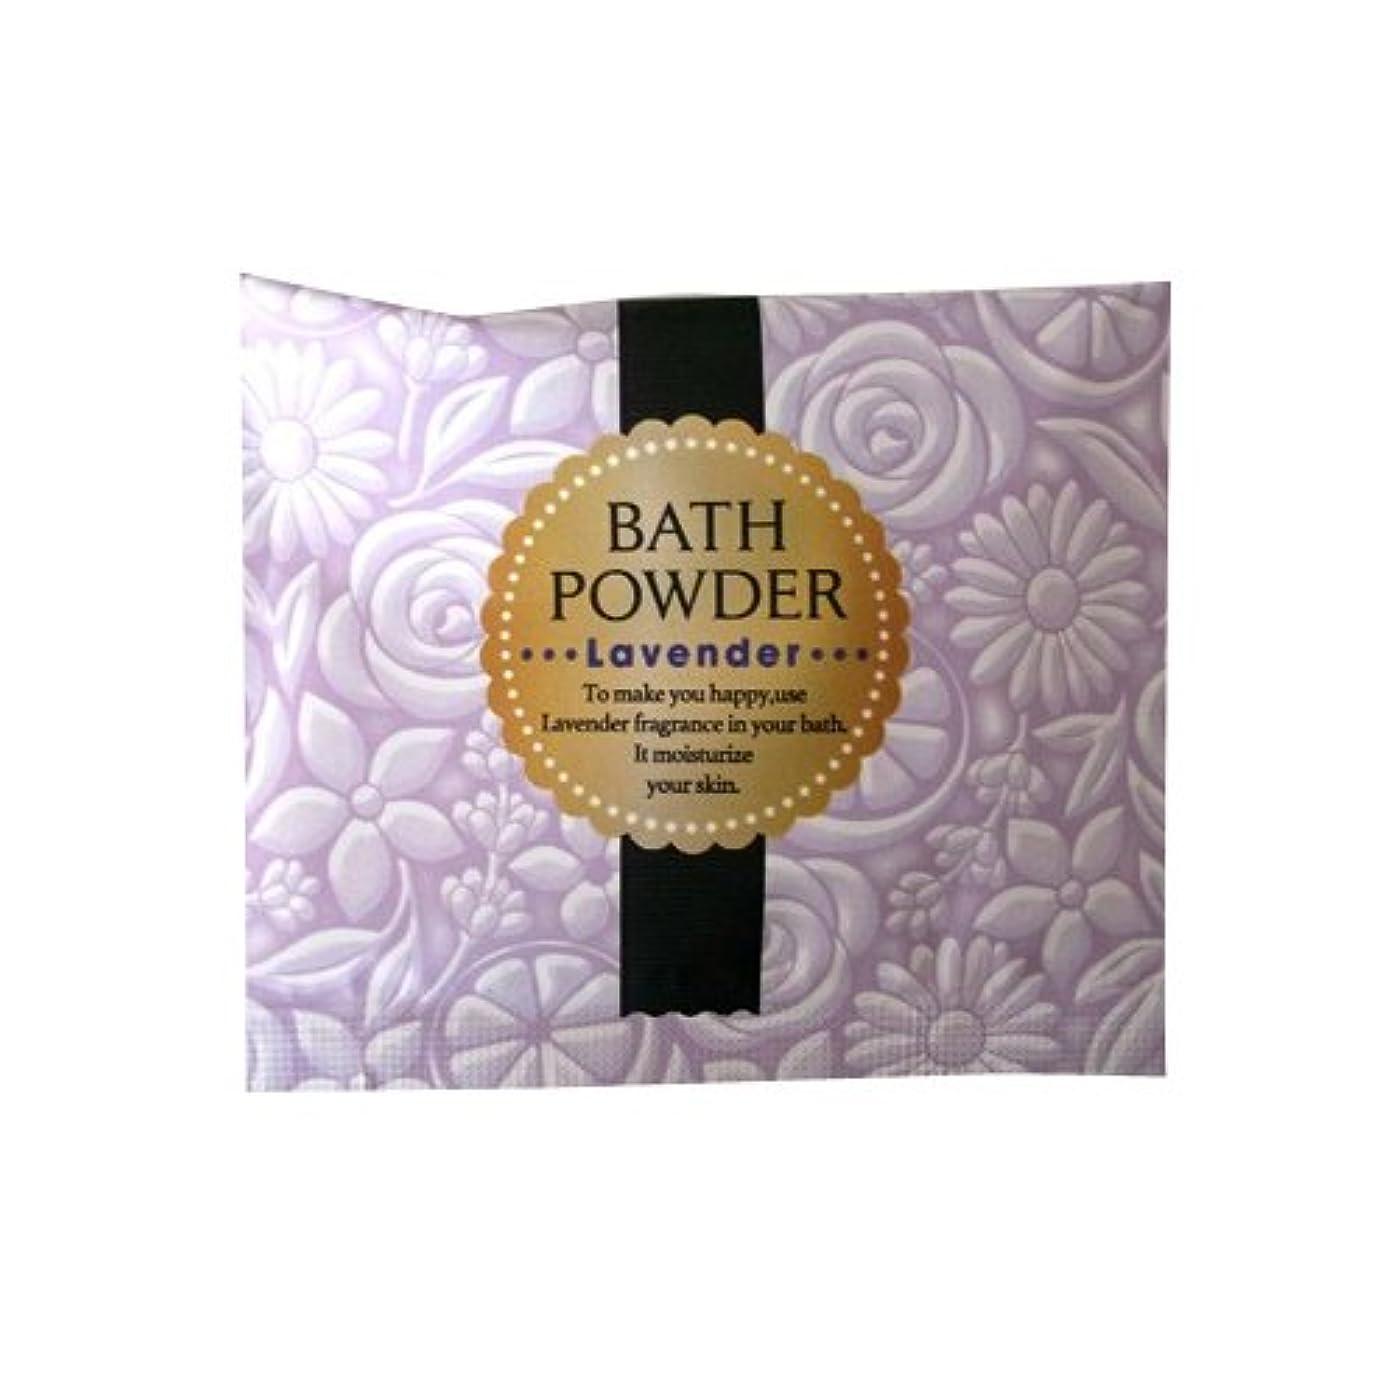 燃料可能魔術師入浴剤 LUCKY BATH (ラッキーバス) 25g ラベンダーの香り